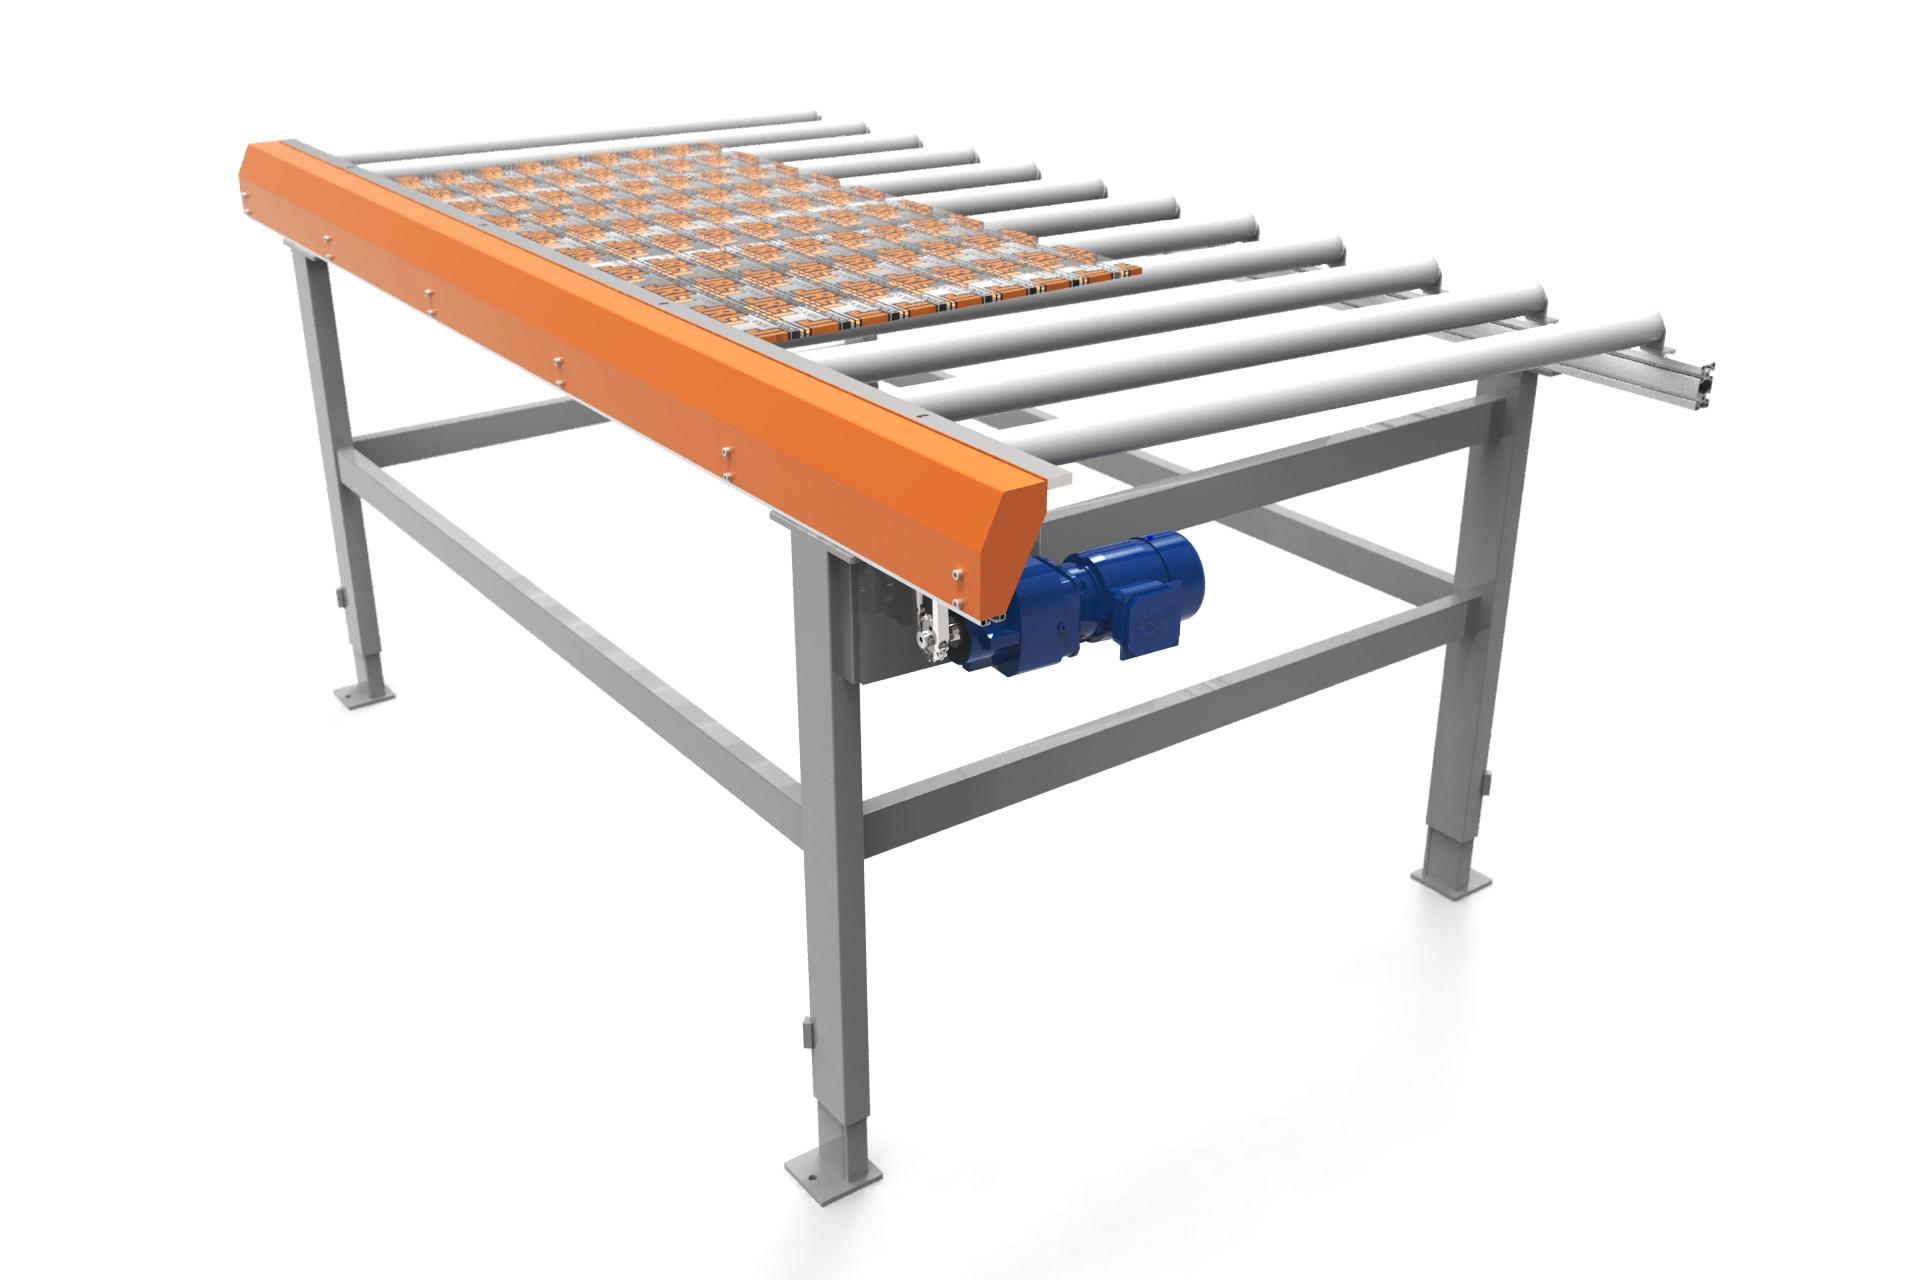 drivna rullbanor    JRL tillverkar drivna rullbanor där manuell ej kraft ej krävs vid förflyttning av gods.   Självklart så anpassar vi rullbanorna för dem behov som ni har på eran industri.